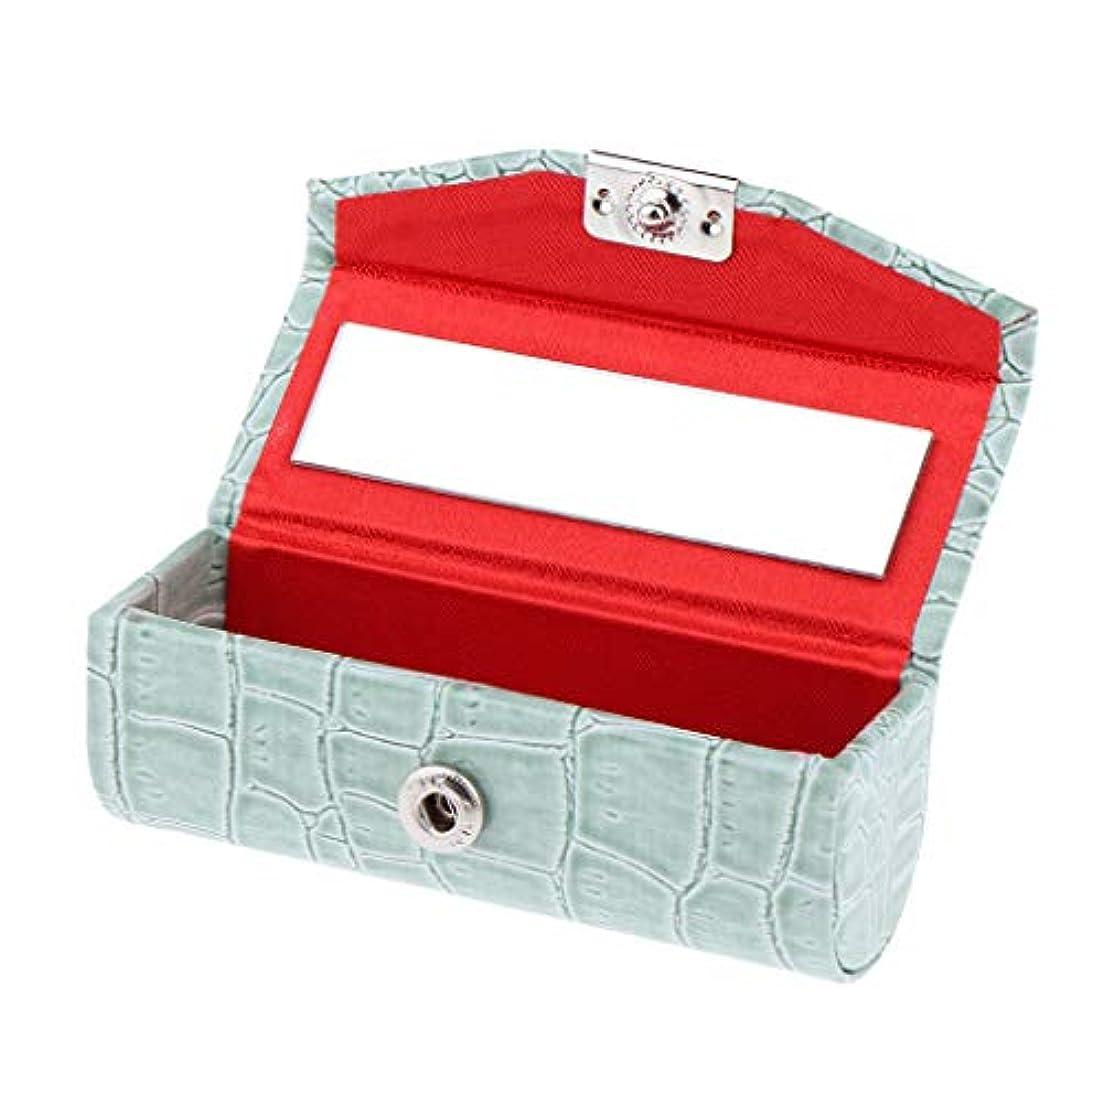 ブランド非アクティブ海峡ひもB Baosity 口紅ケース コインケース ミラー付き リップグロス ジュエリー 収納ボックス 多色選べ - グレイシャーグリーン